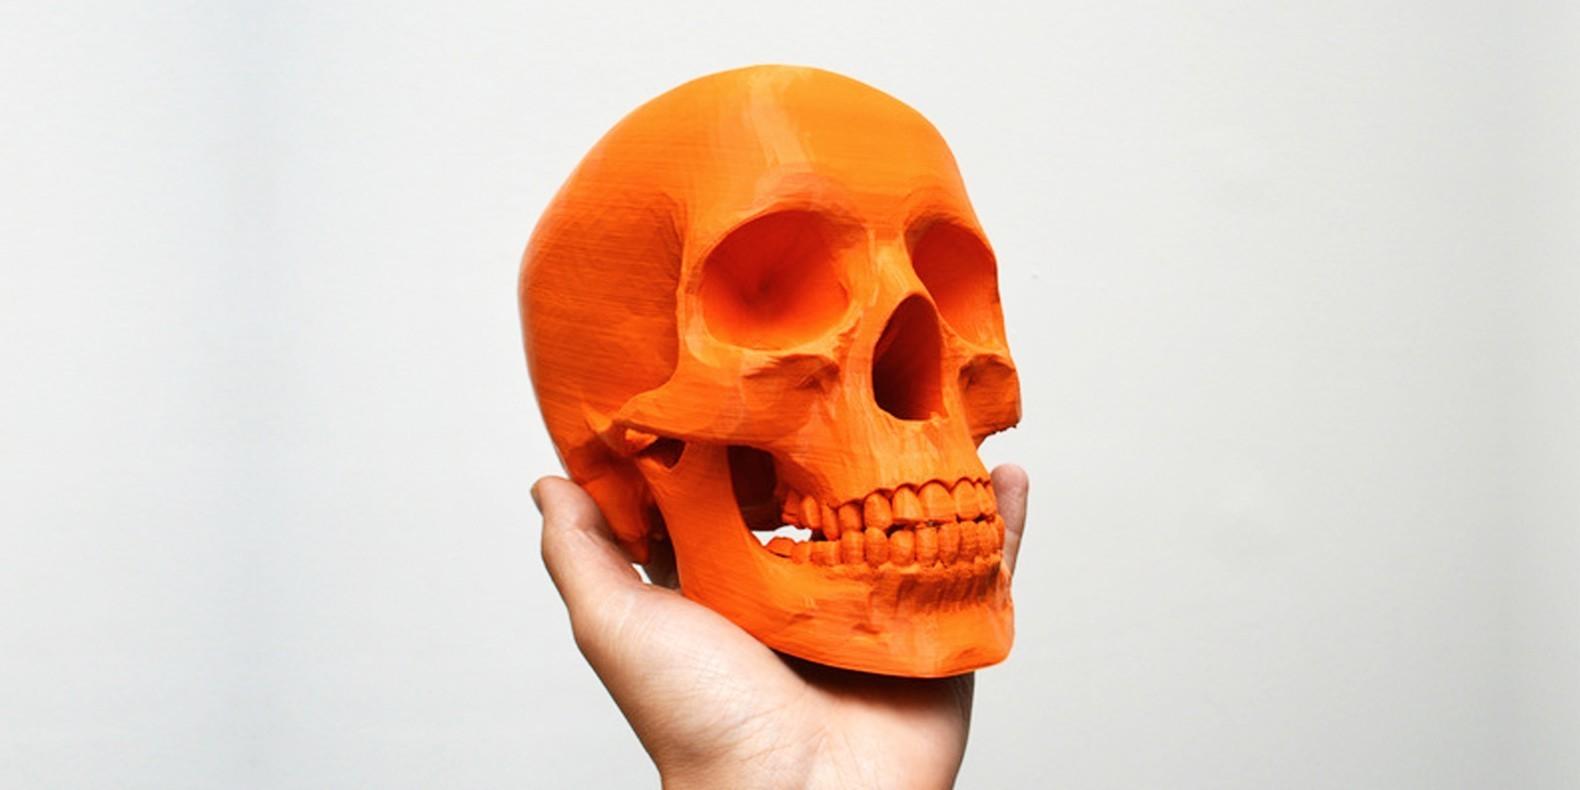 Descubra en esta selección de modelos 3D, todos los mejores archivos STL de cráneos